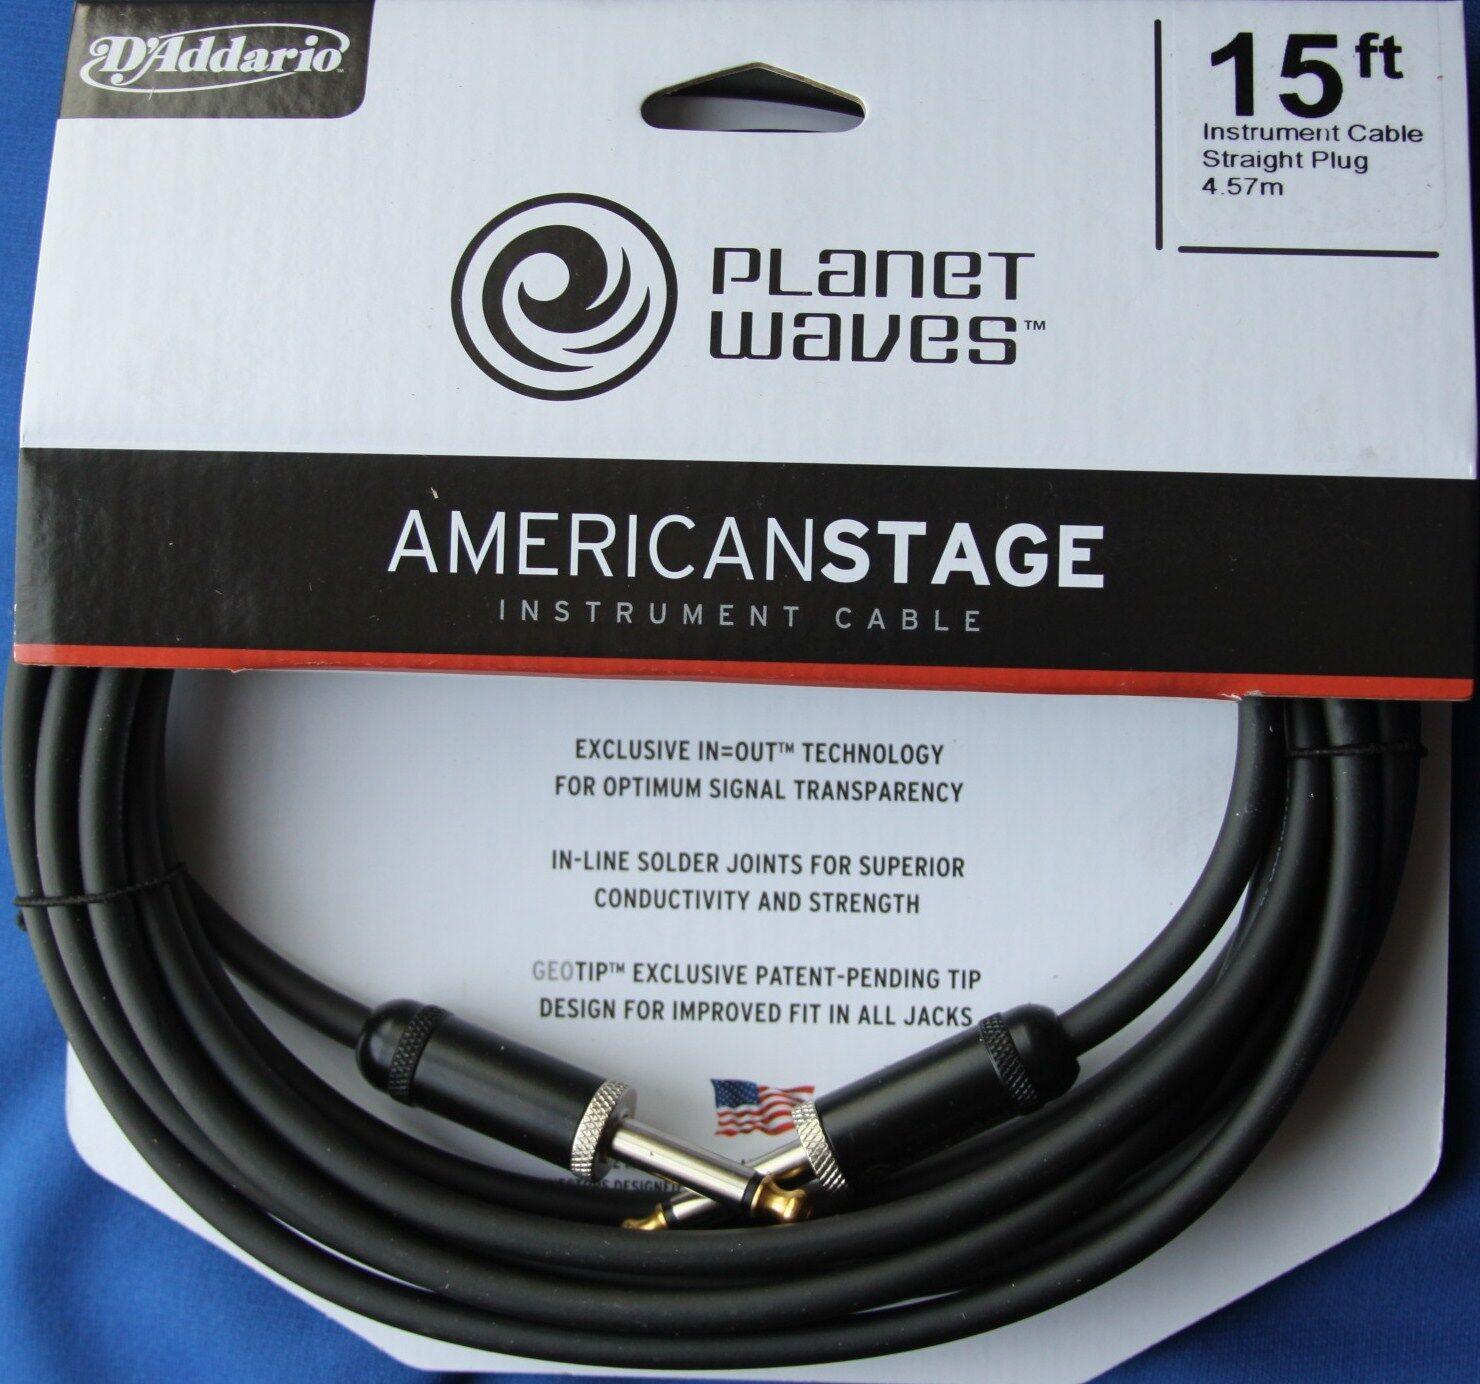 Planet Waves American etapa serie 15' Cable de de de instrumento, PW-amsg - 15  barato y de alta calidad